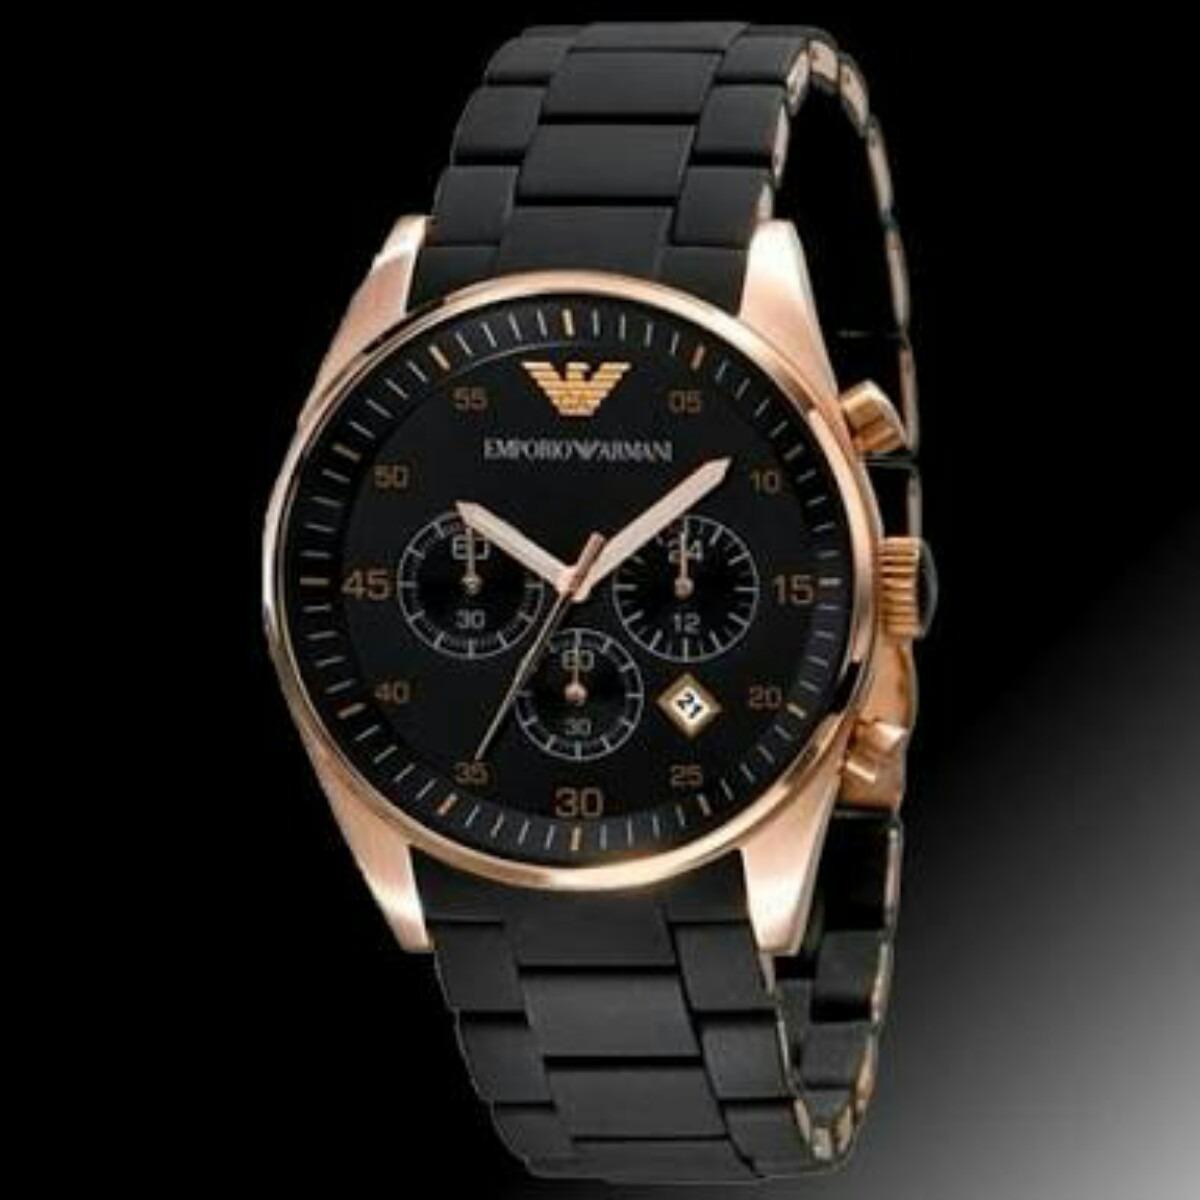 416eba09c77 relógio empório armani ar5905 rose preto original. Carregando zoom.